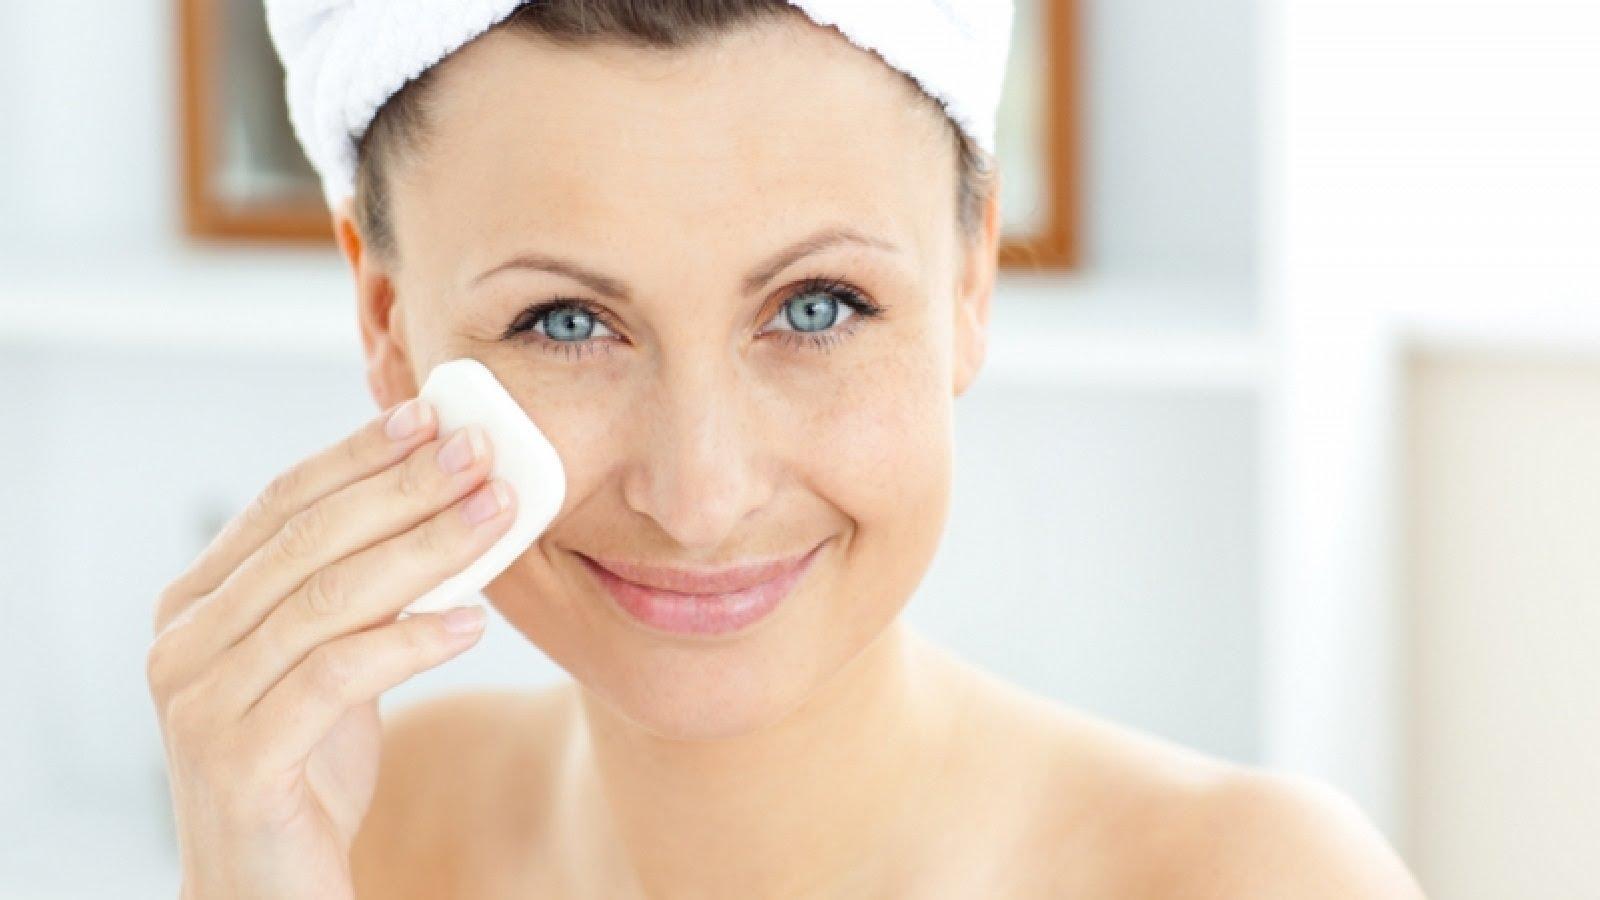 Уход за кожей лица после 30 лет, обязательные правила и этапы 8